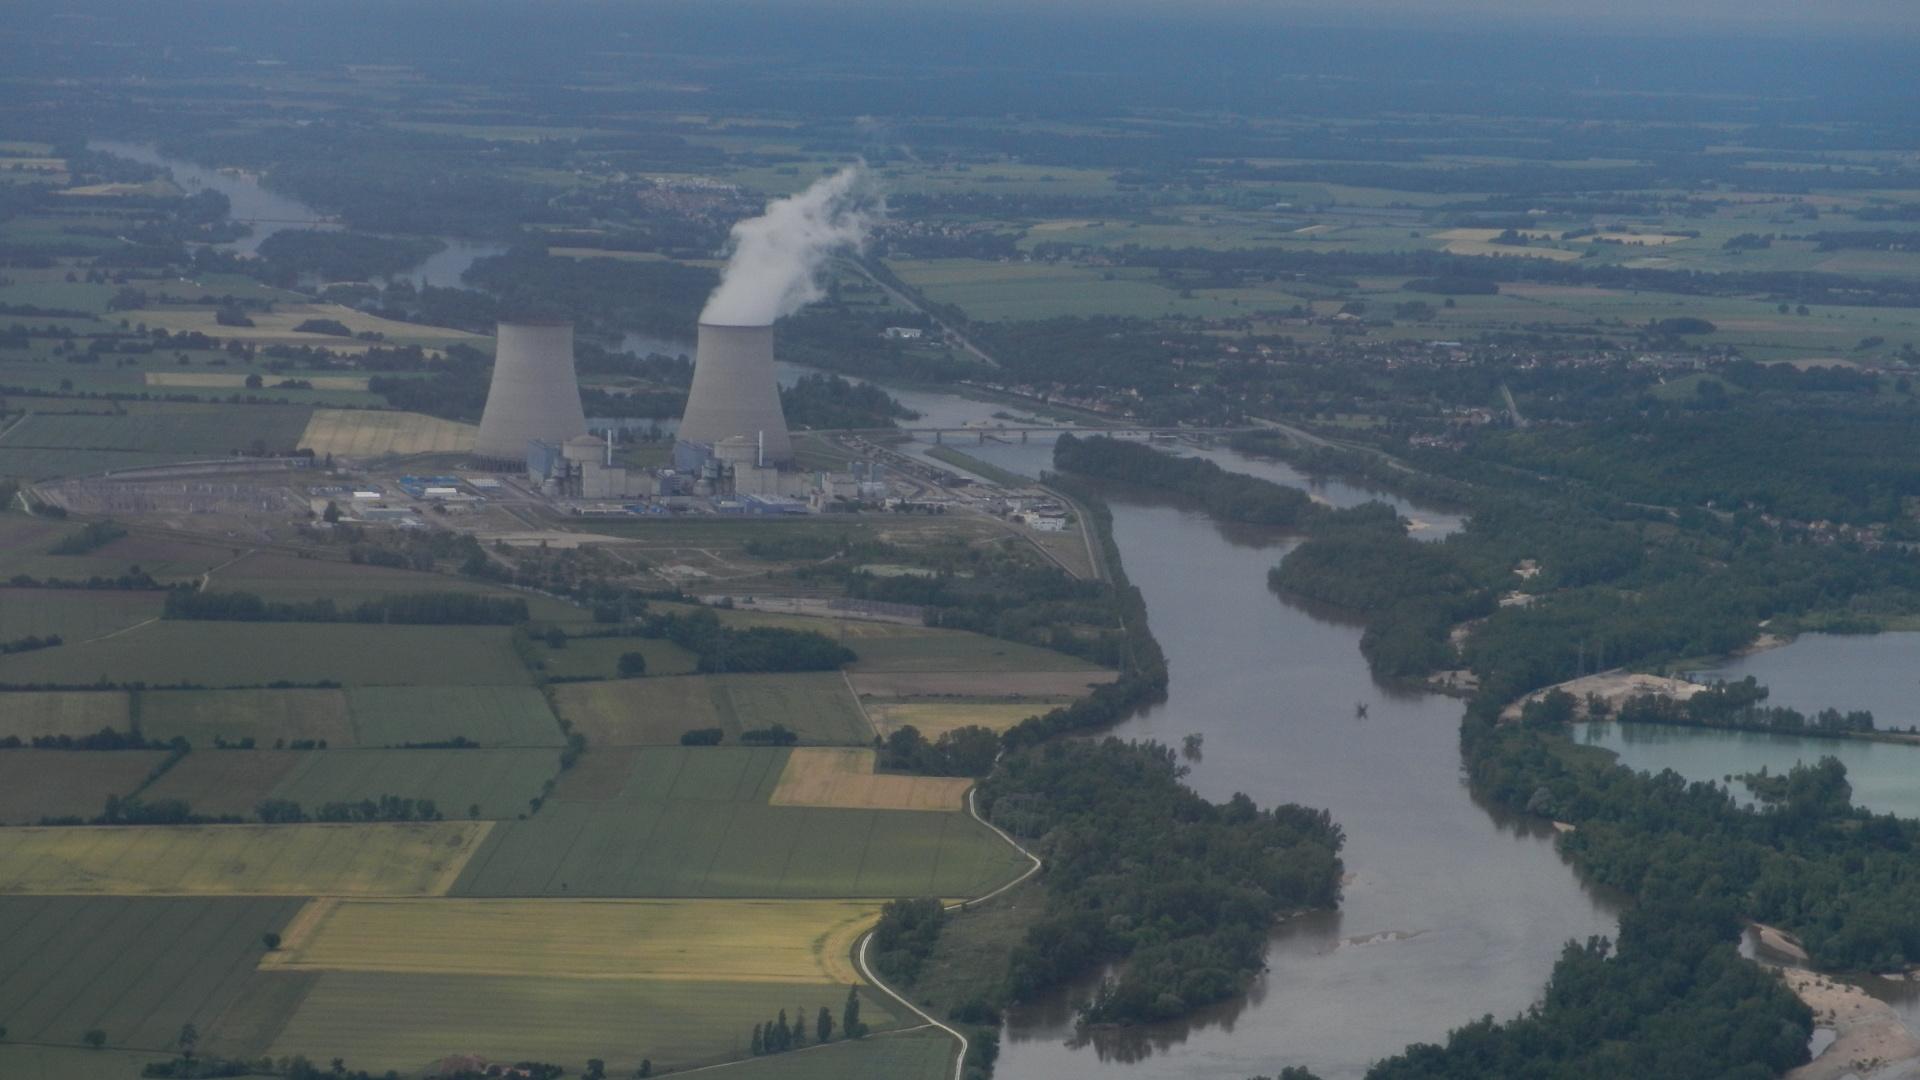 Centrale nucléaire de Belleville sur la Loire